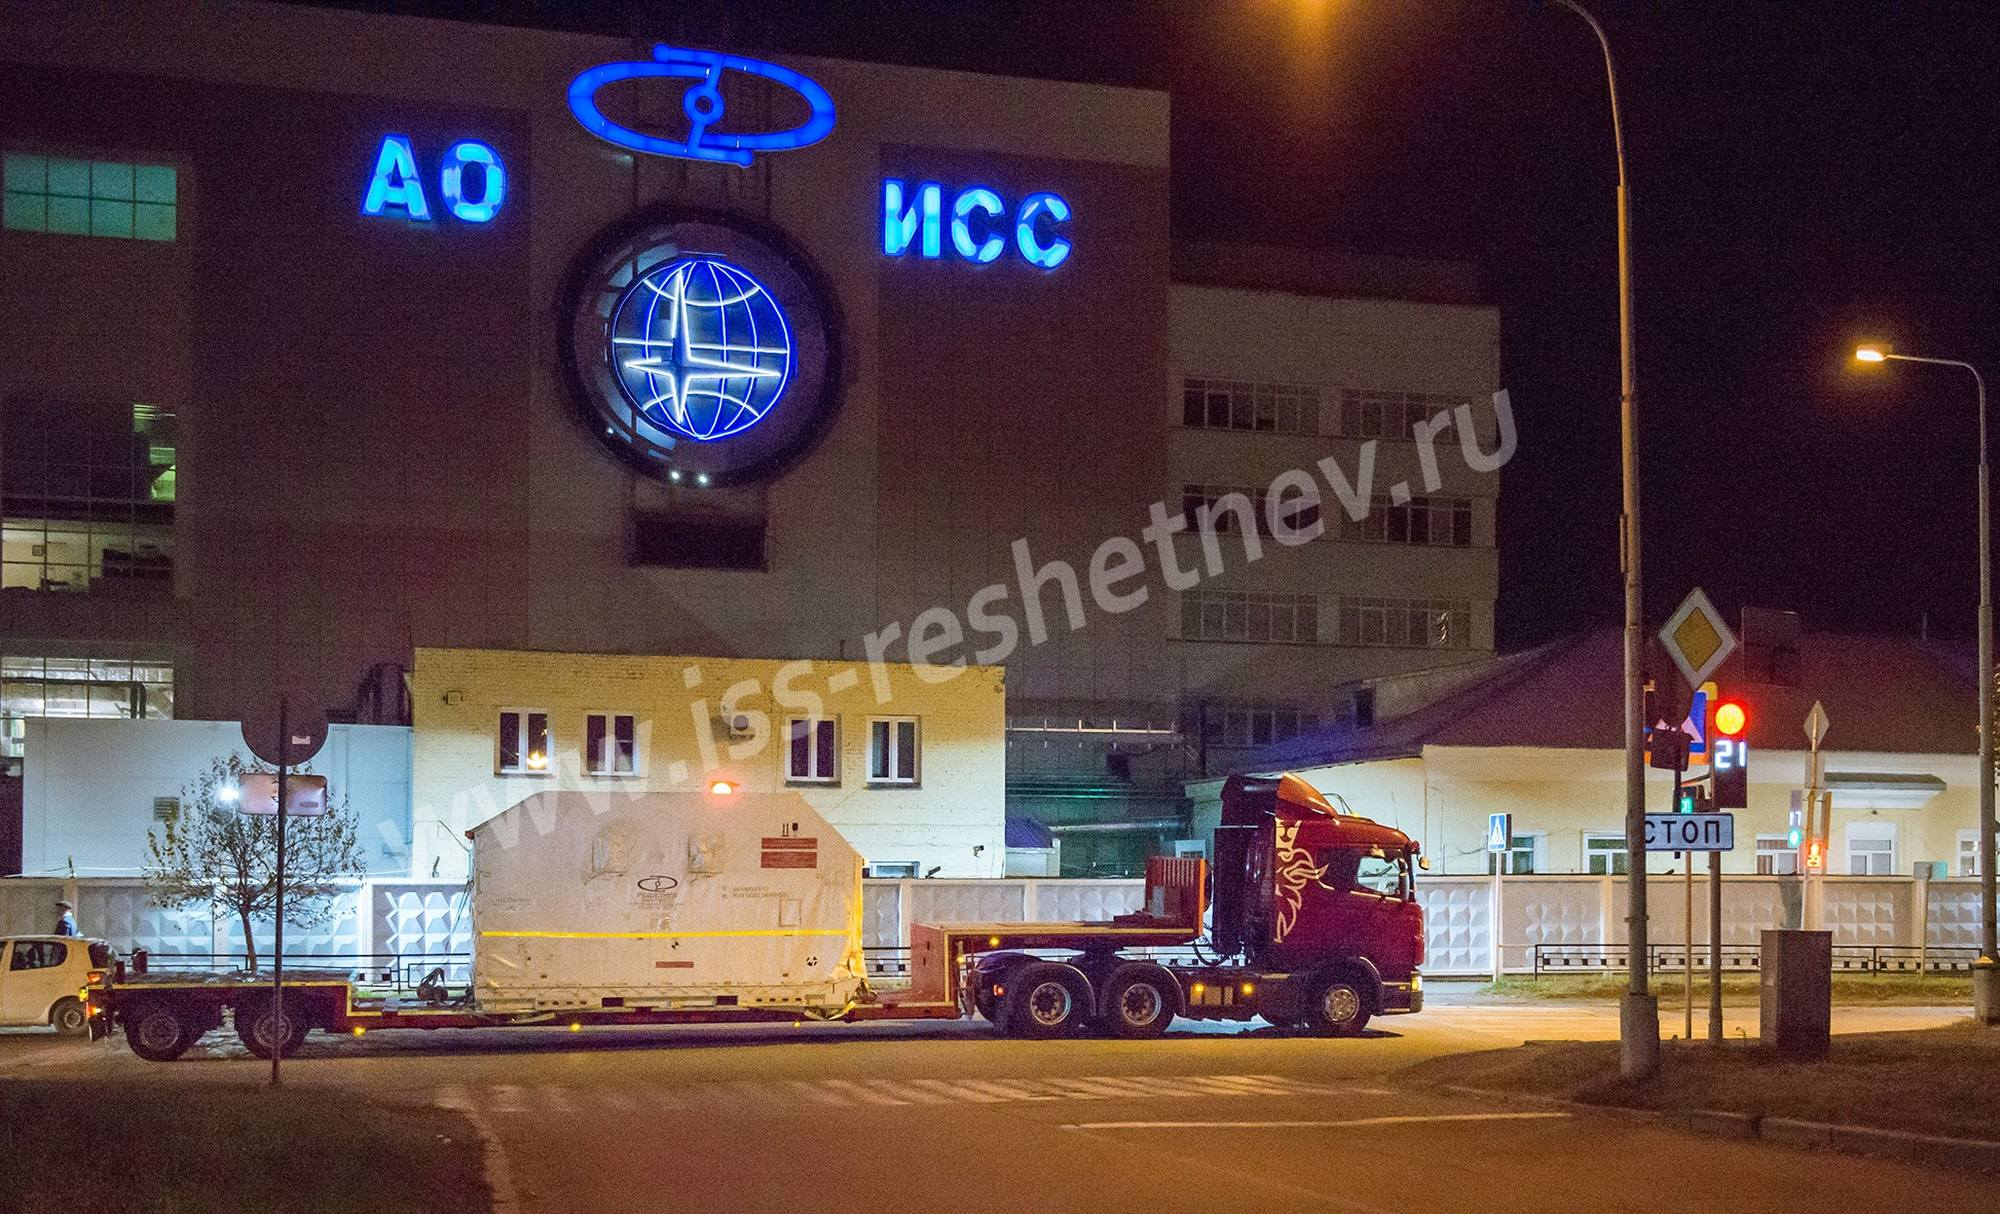 La façade de l'entraprise avec un camion emportant un satellite vers l'aéroport. Image d'archives.